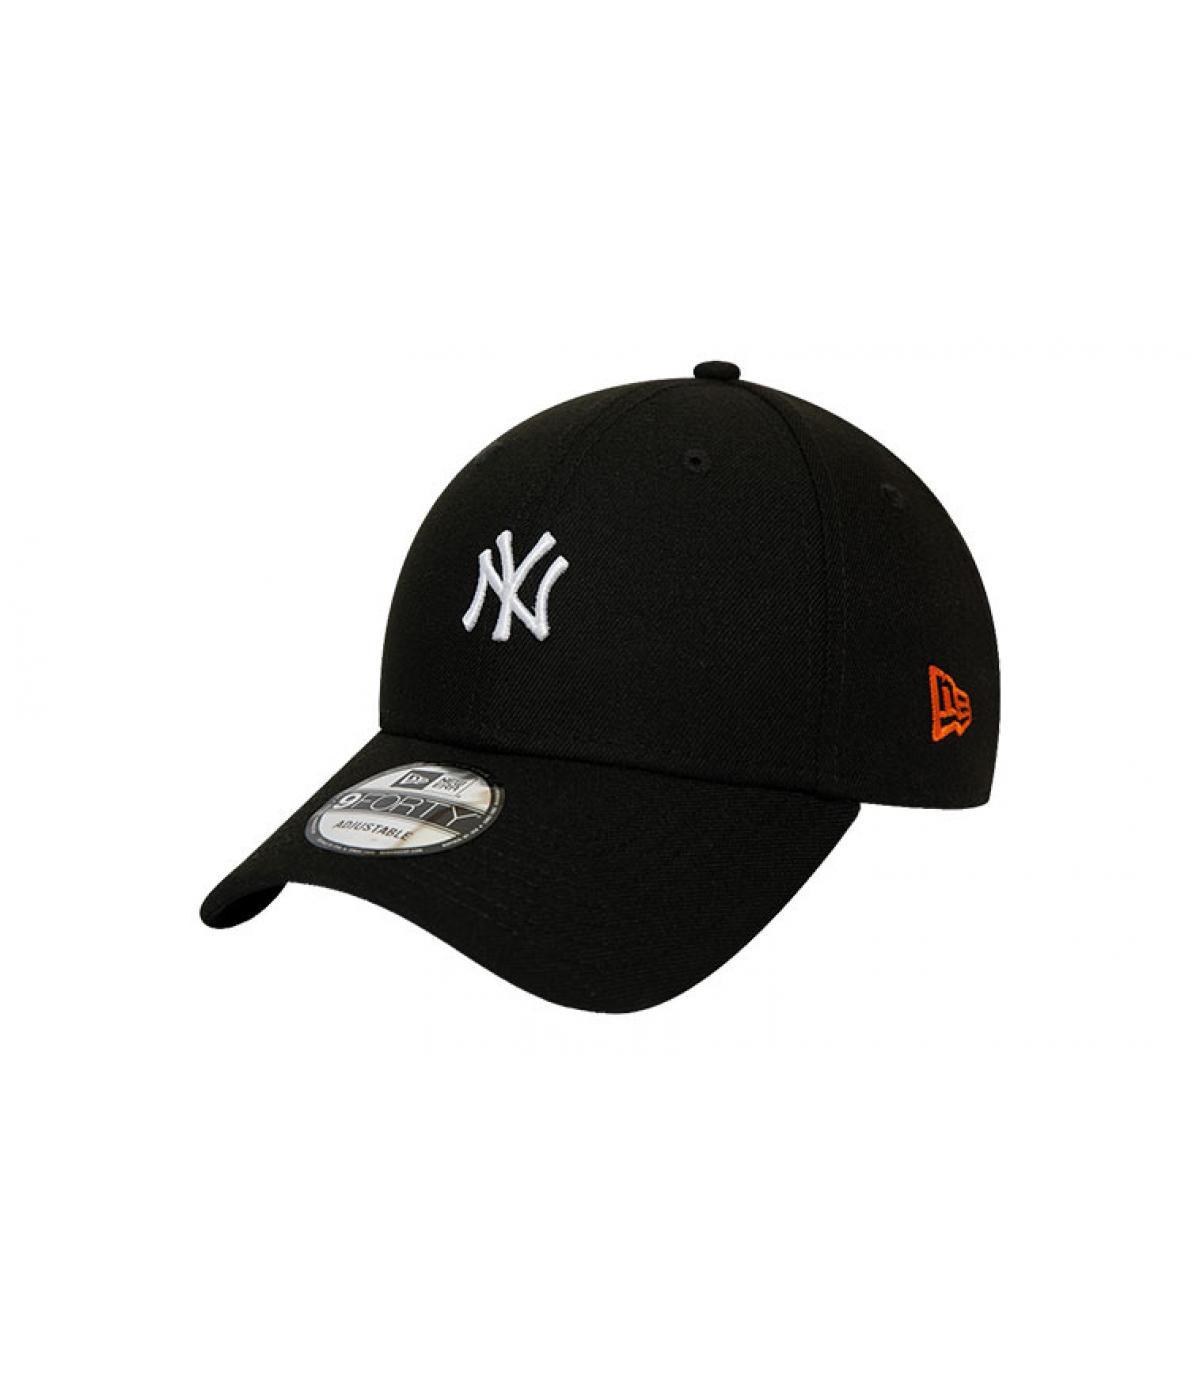 Details MLB Tour NY 940 black - afbeeling 2